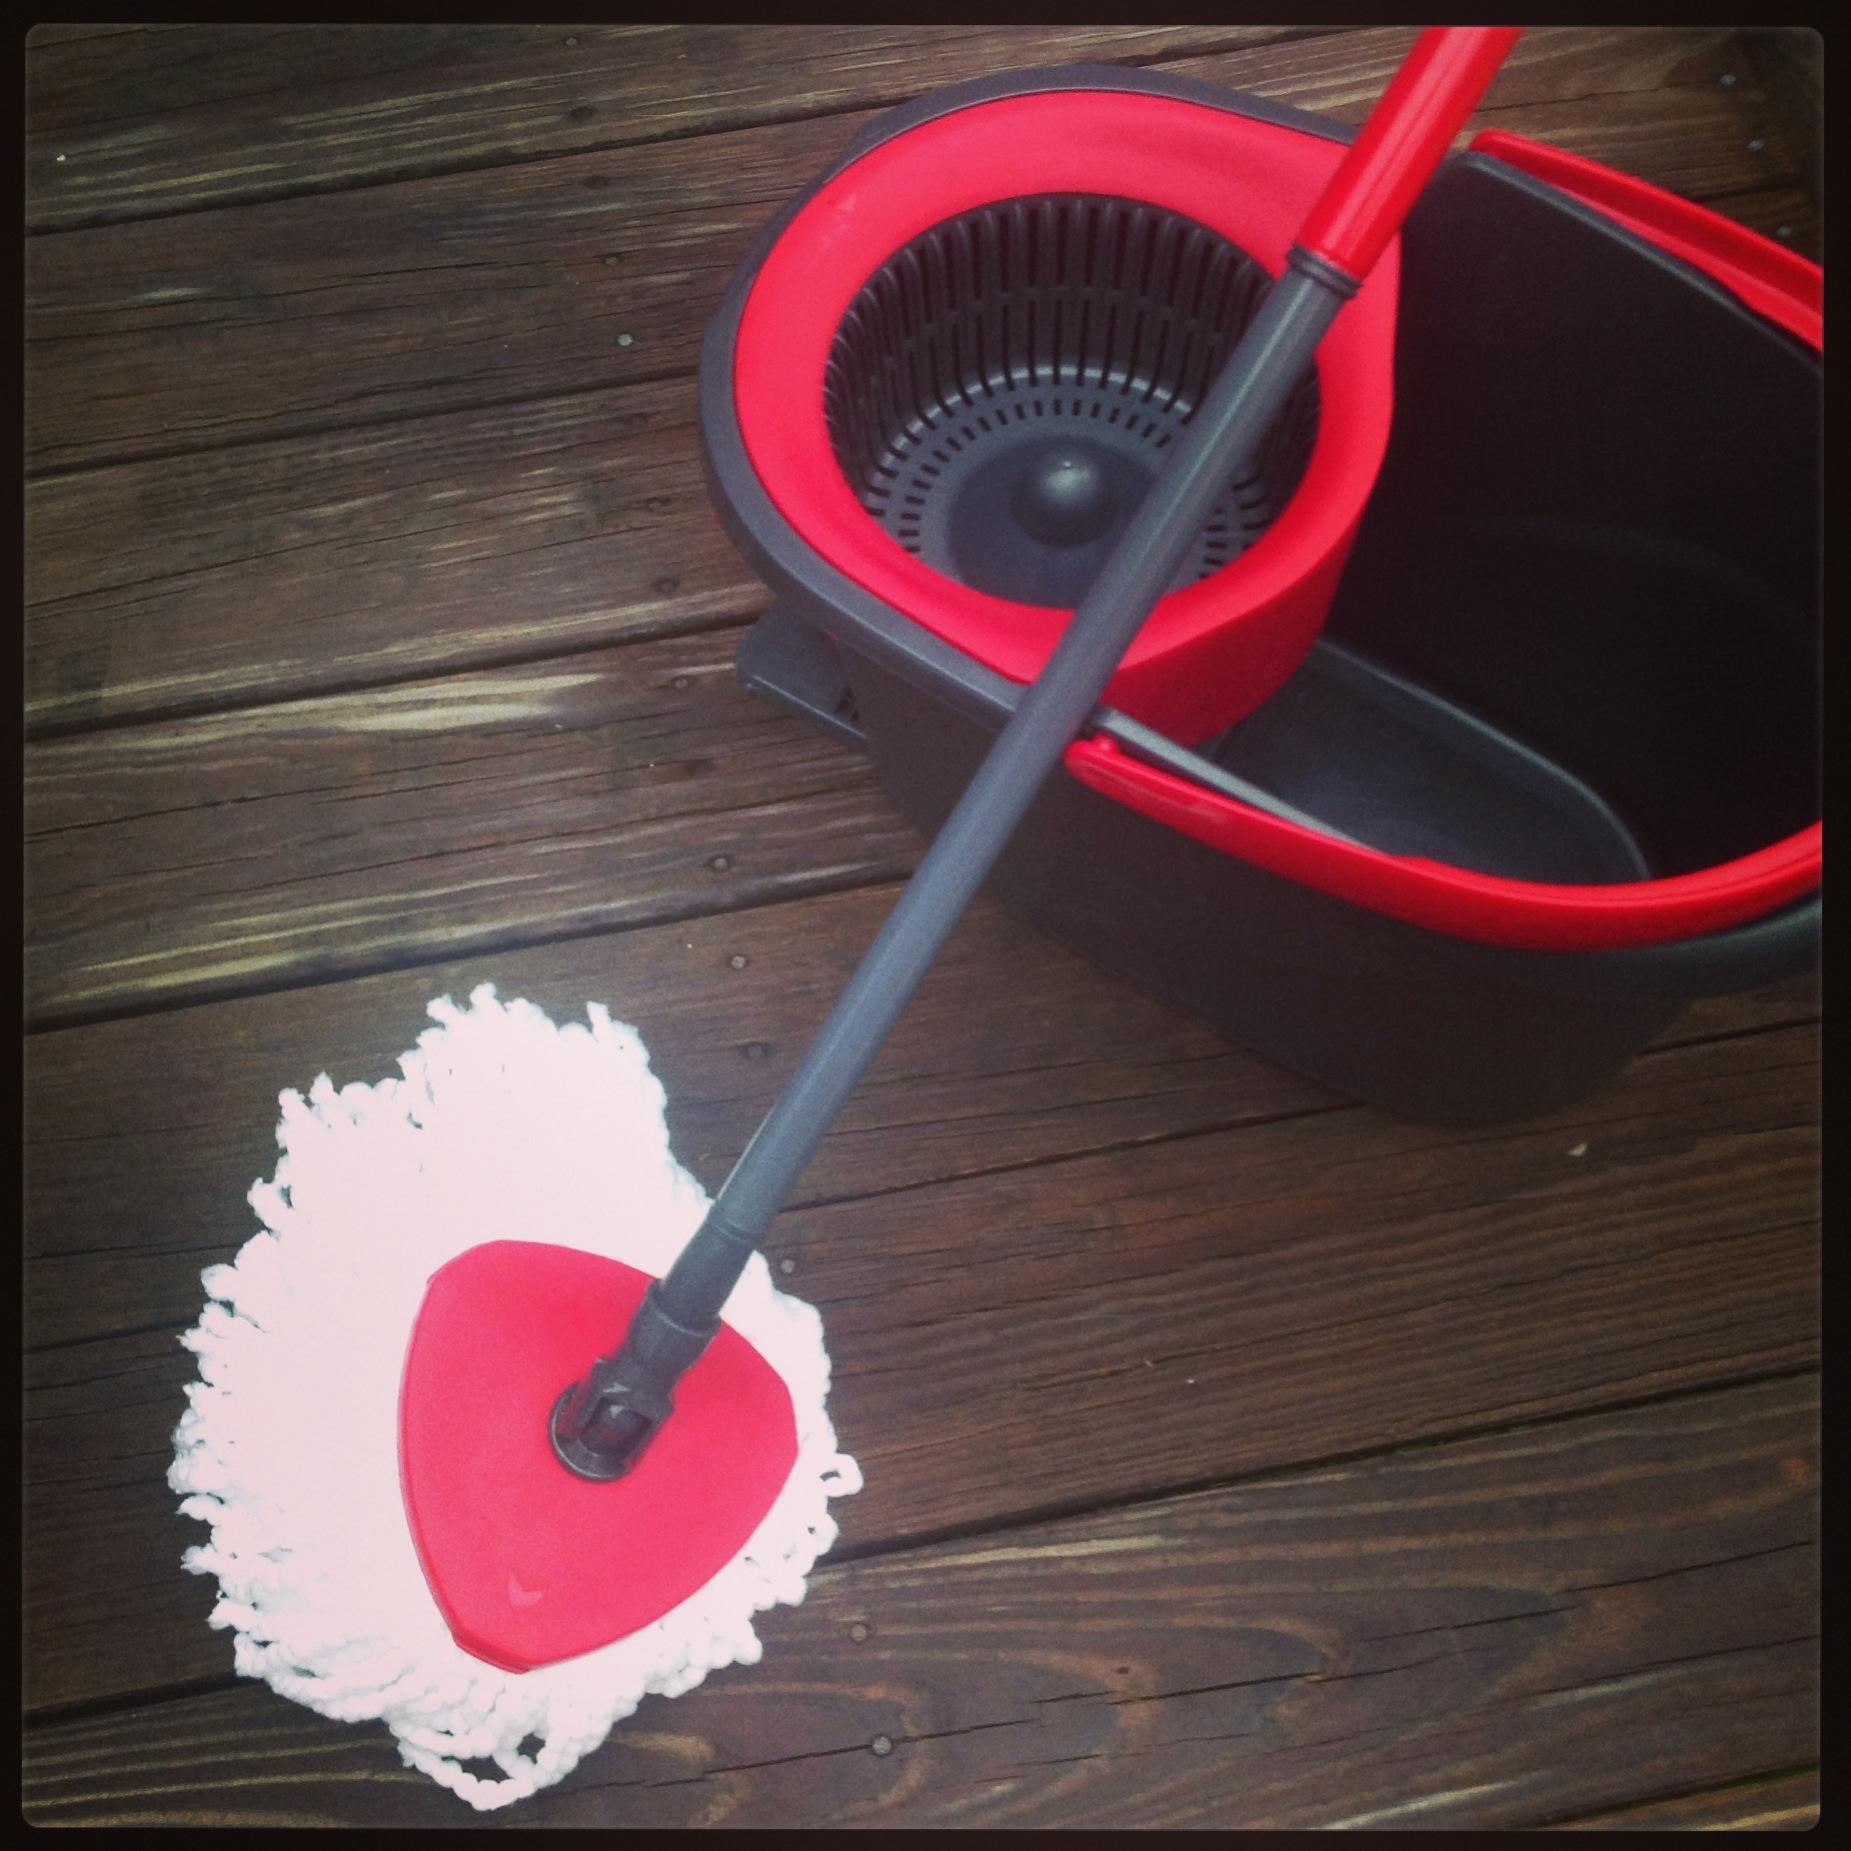 O-Cedar Easy Wring Spin Mop & Bucket System